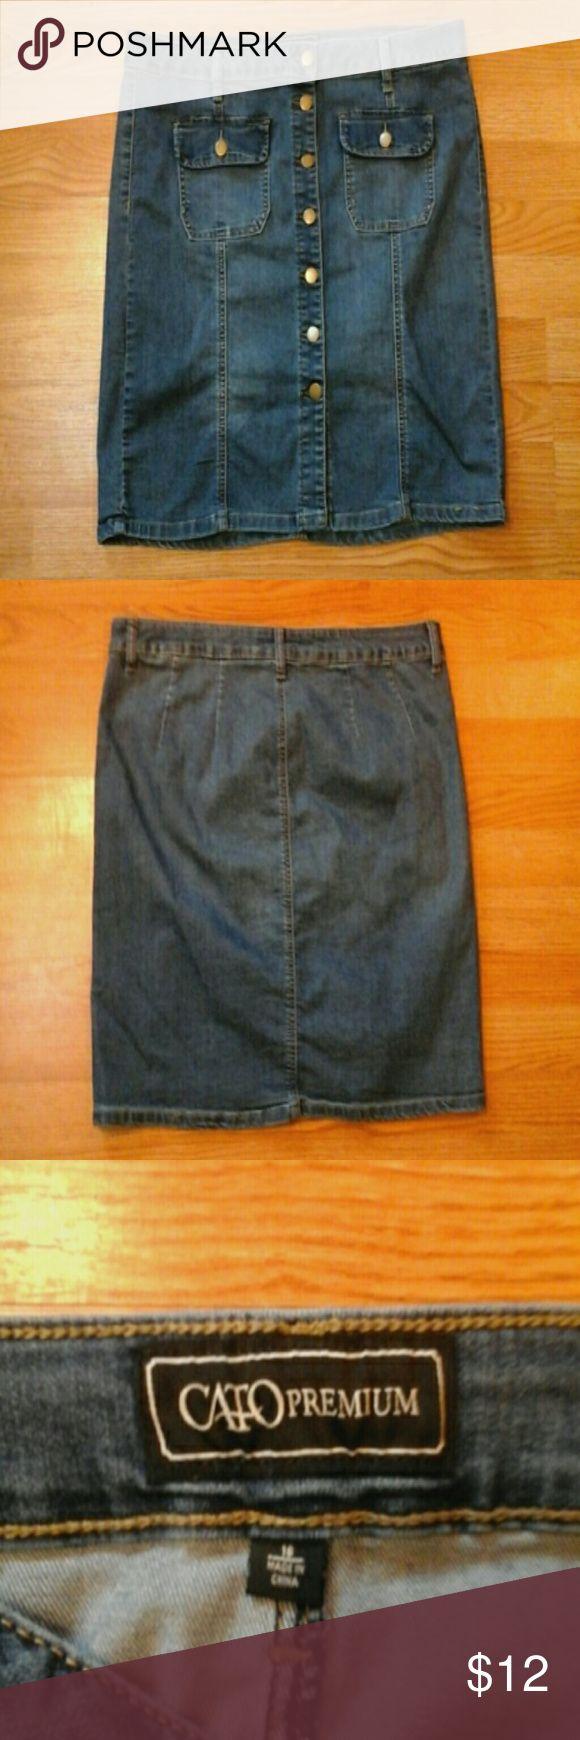 Denim Skirt Stretch denim skirt. Button up front. Cato Skirts Mini